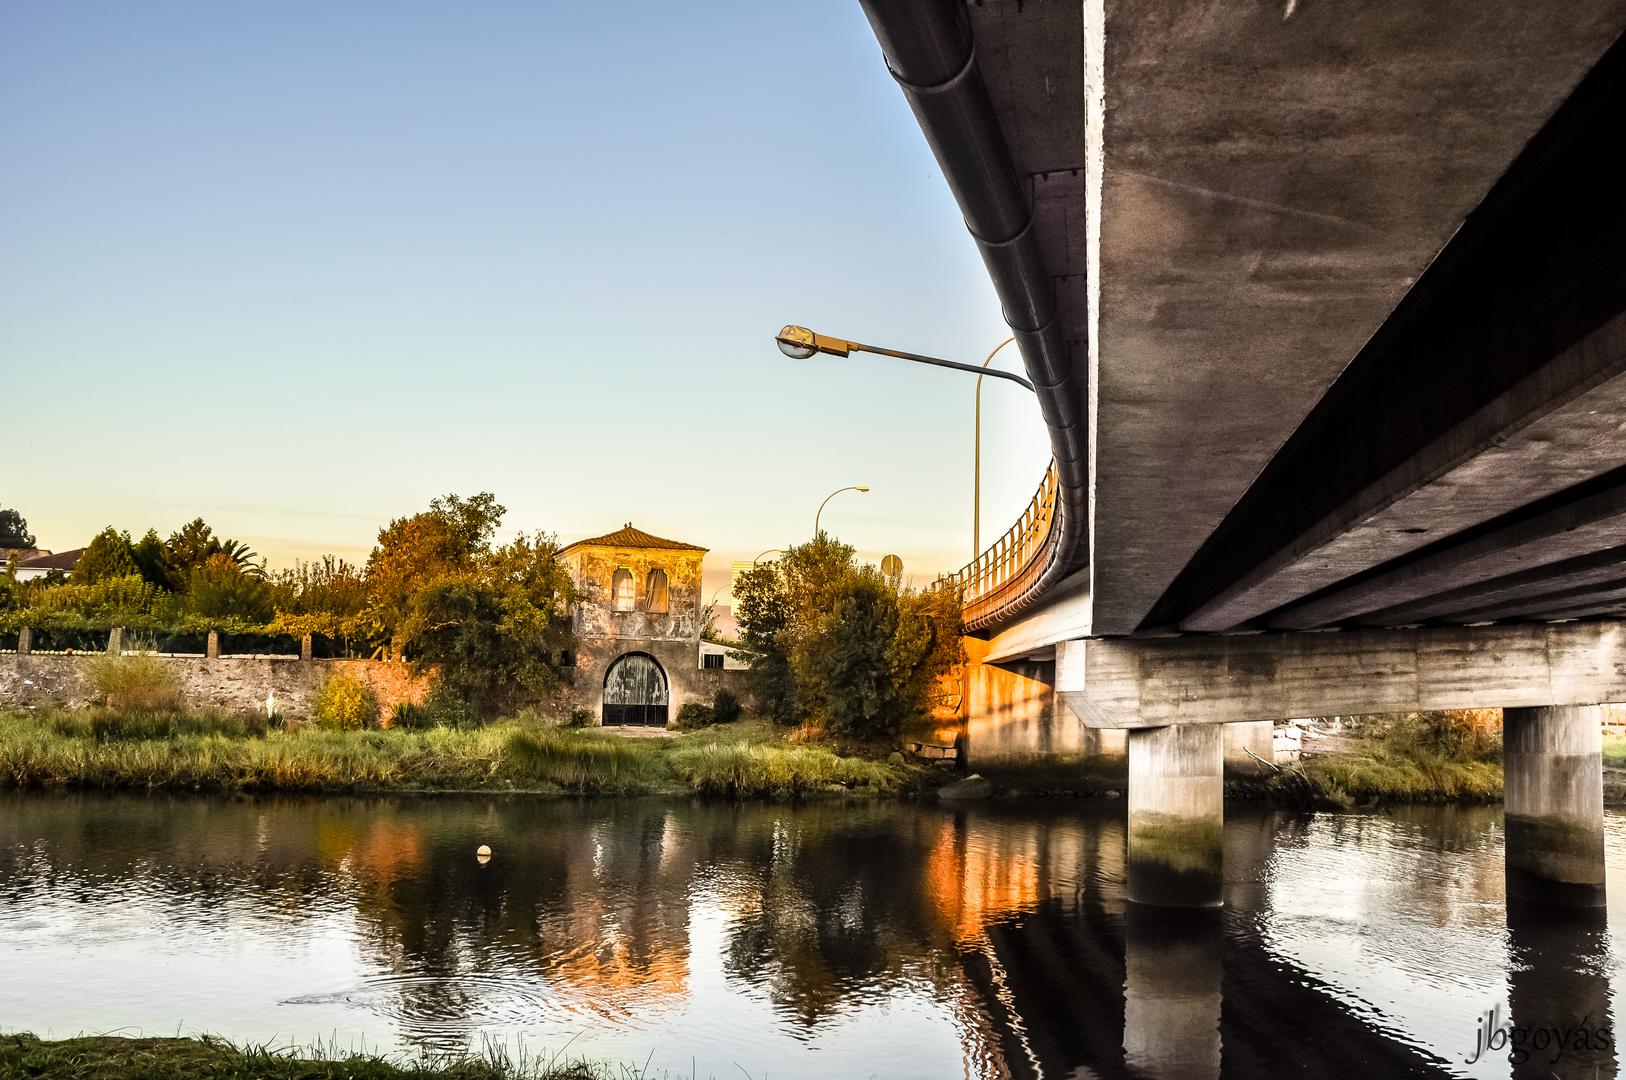 Bajo el puente.